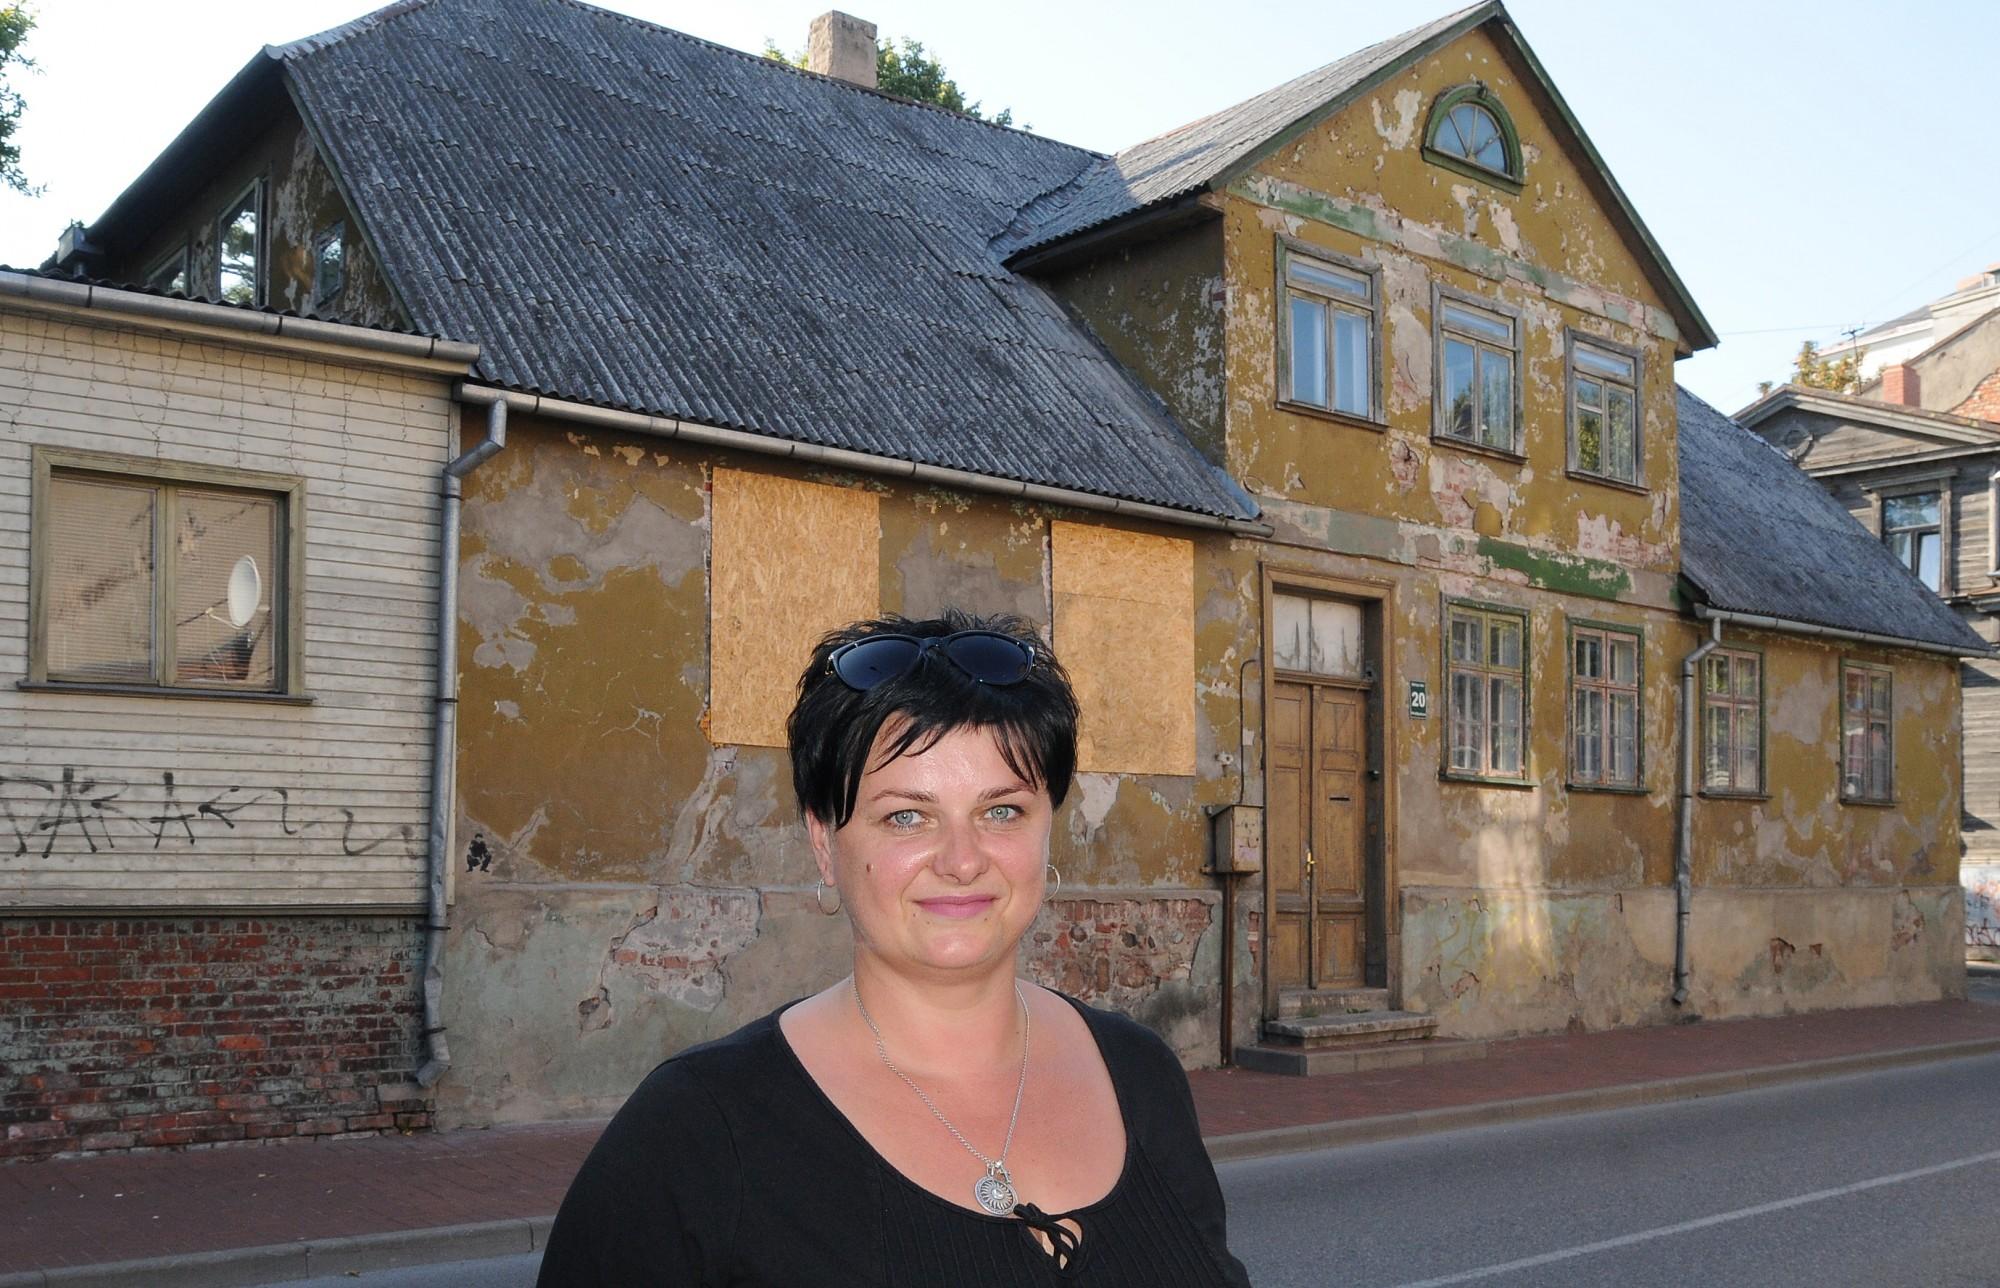 Senās mājas atgūst cieņpilnāku izskatu